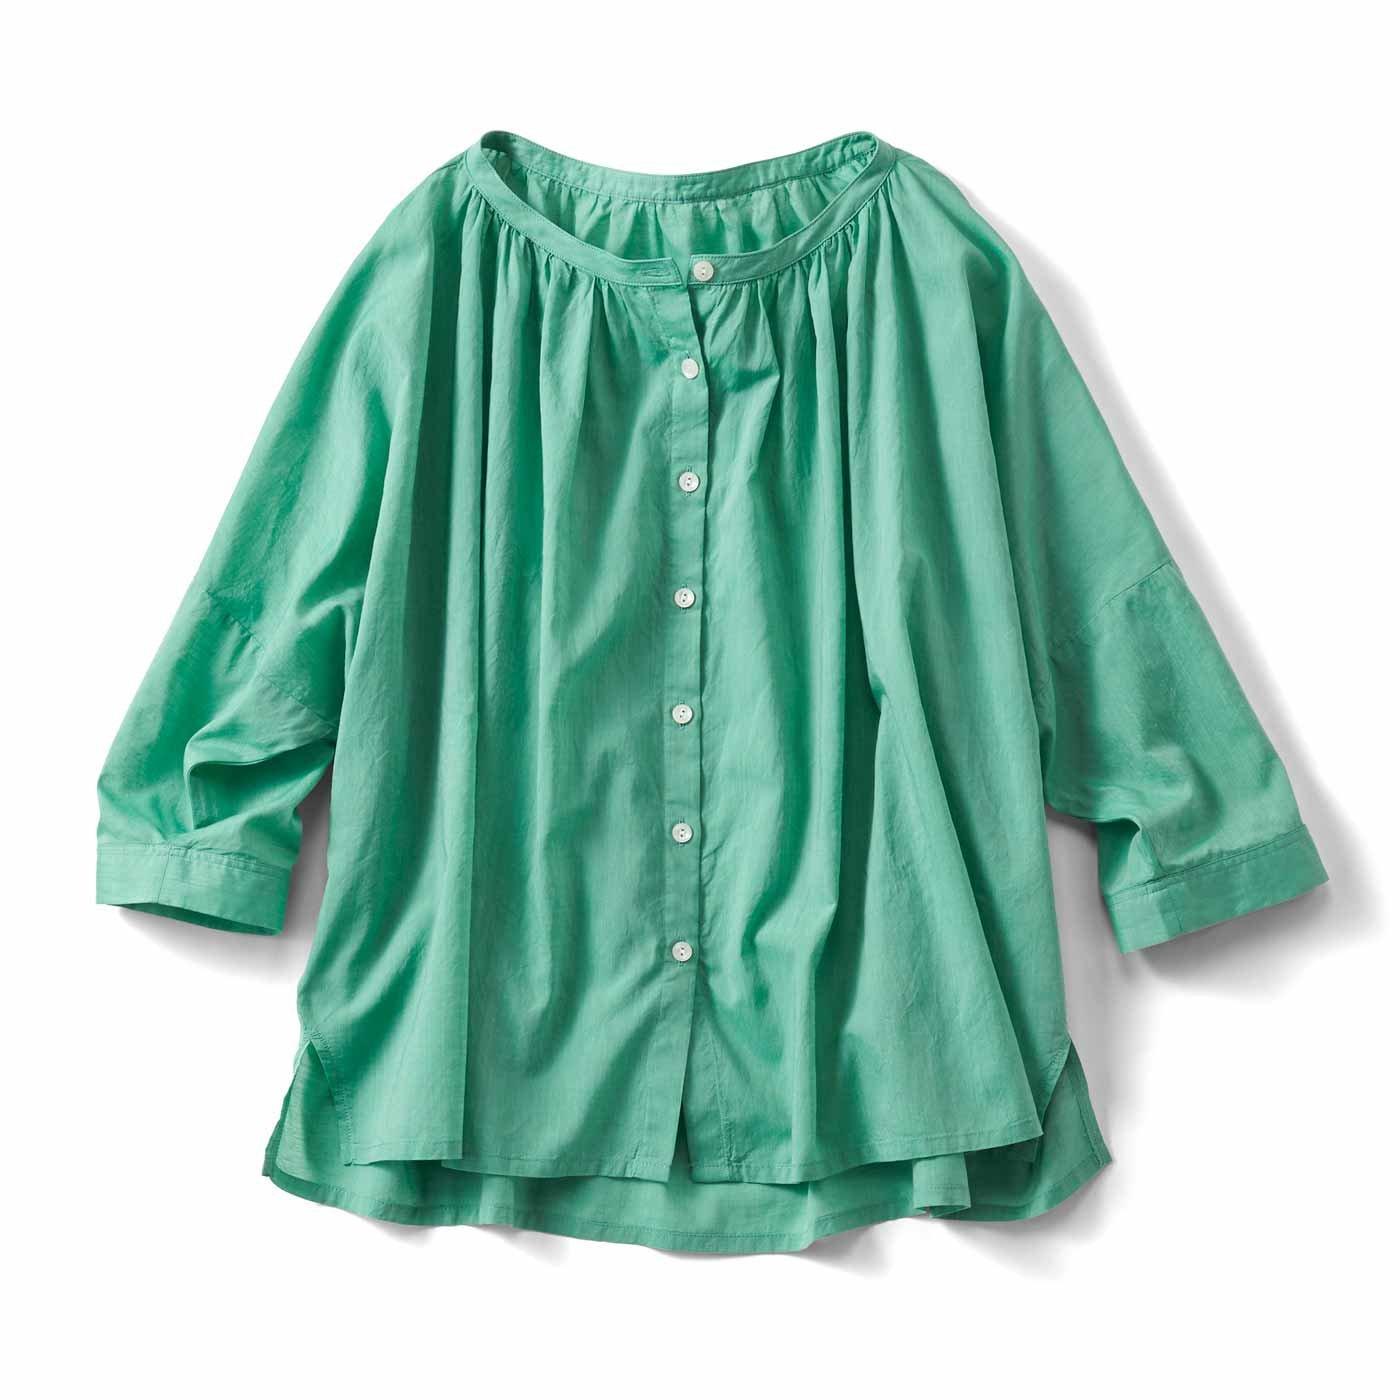 THREE FIFTY STANDARD 着映えするきれい色のブラウス〈グリーン〉